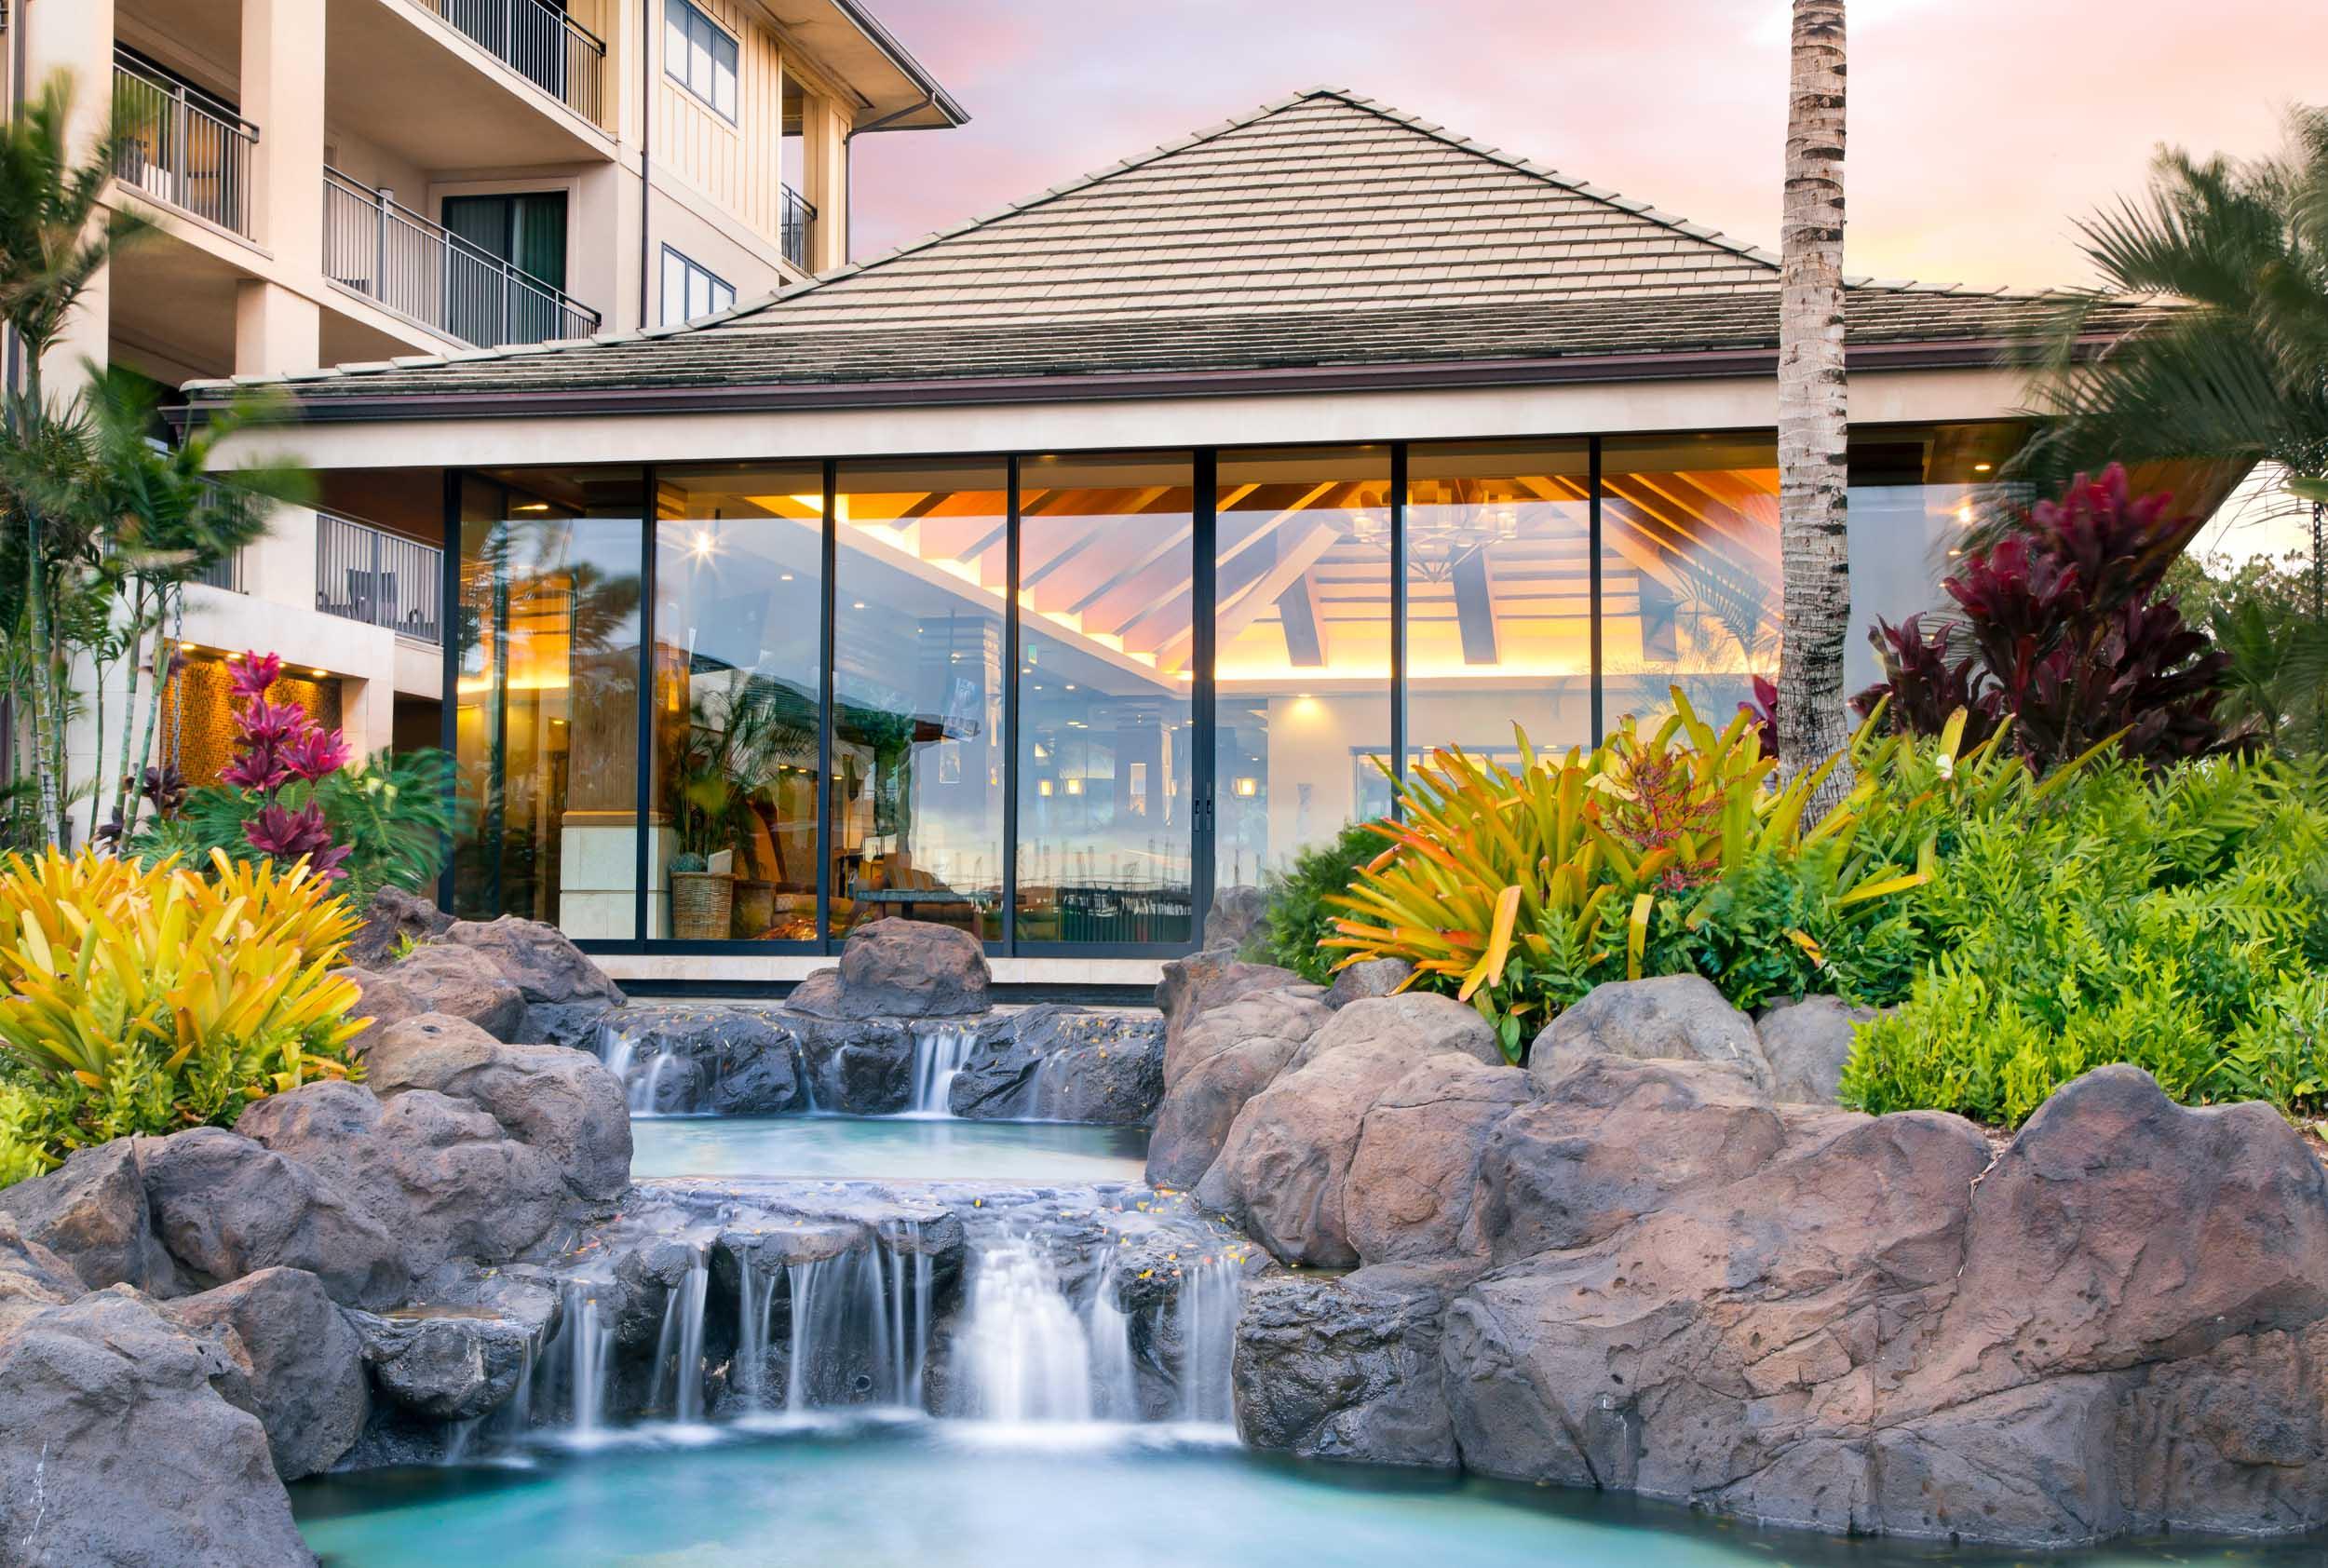 hawaiiresorts_180805_003_2500p.jpg